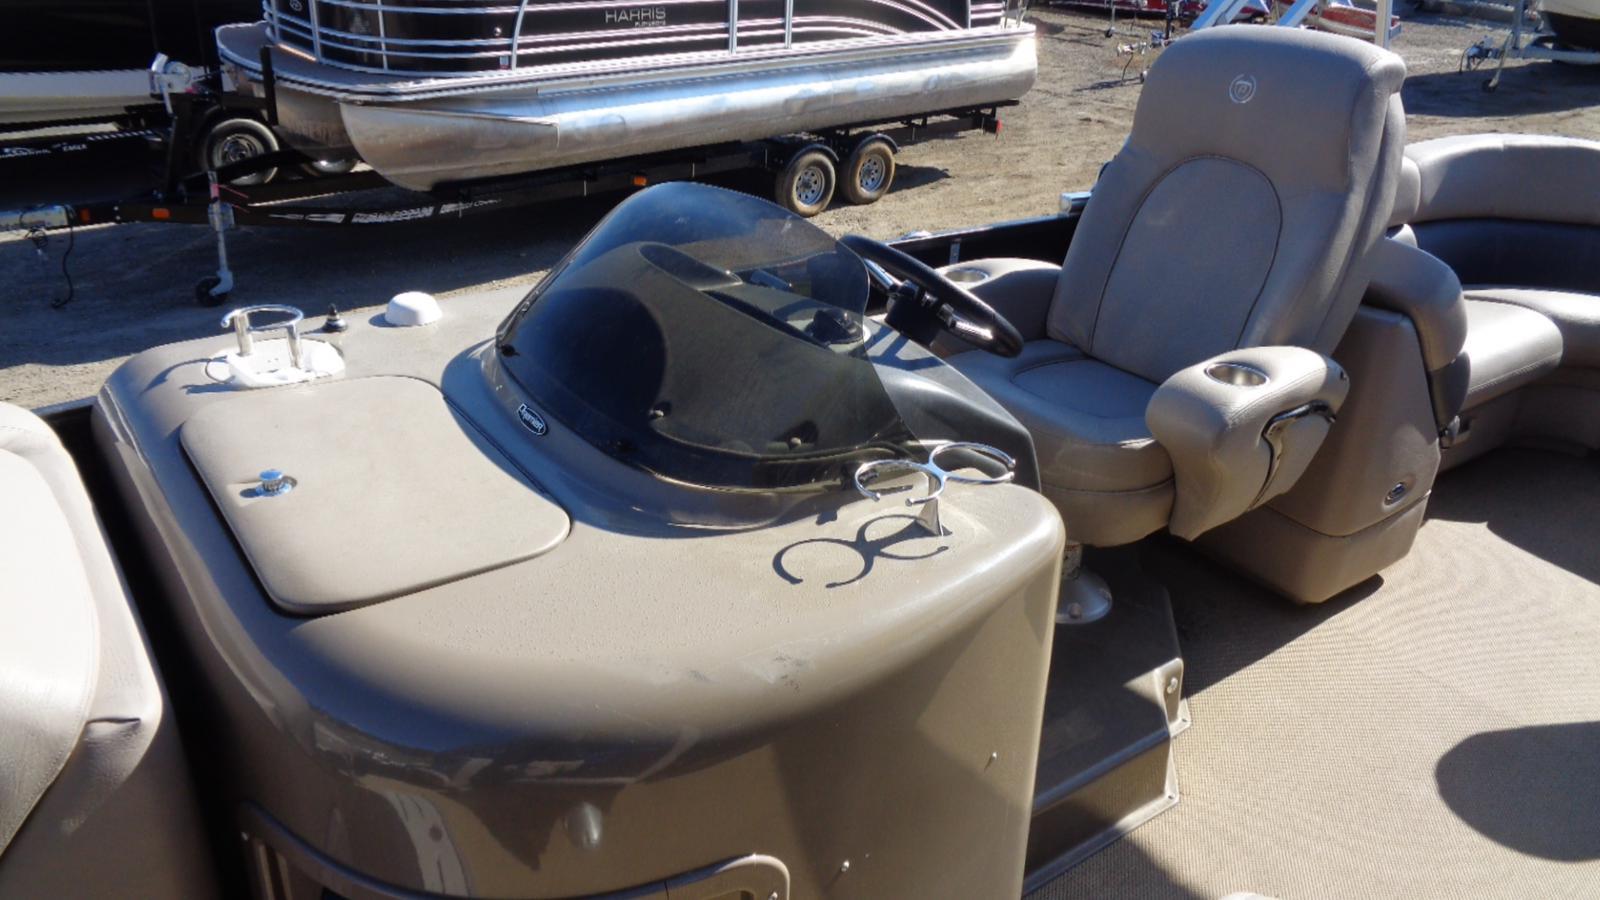 2011 Premier Pontoons boat for sale, model of the boat is 250 Intrique & Image # 7 of 13